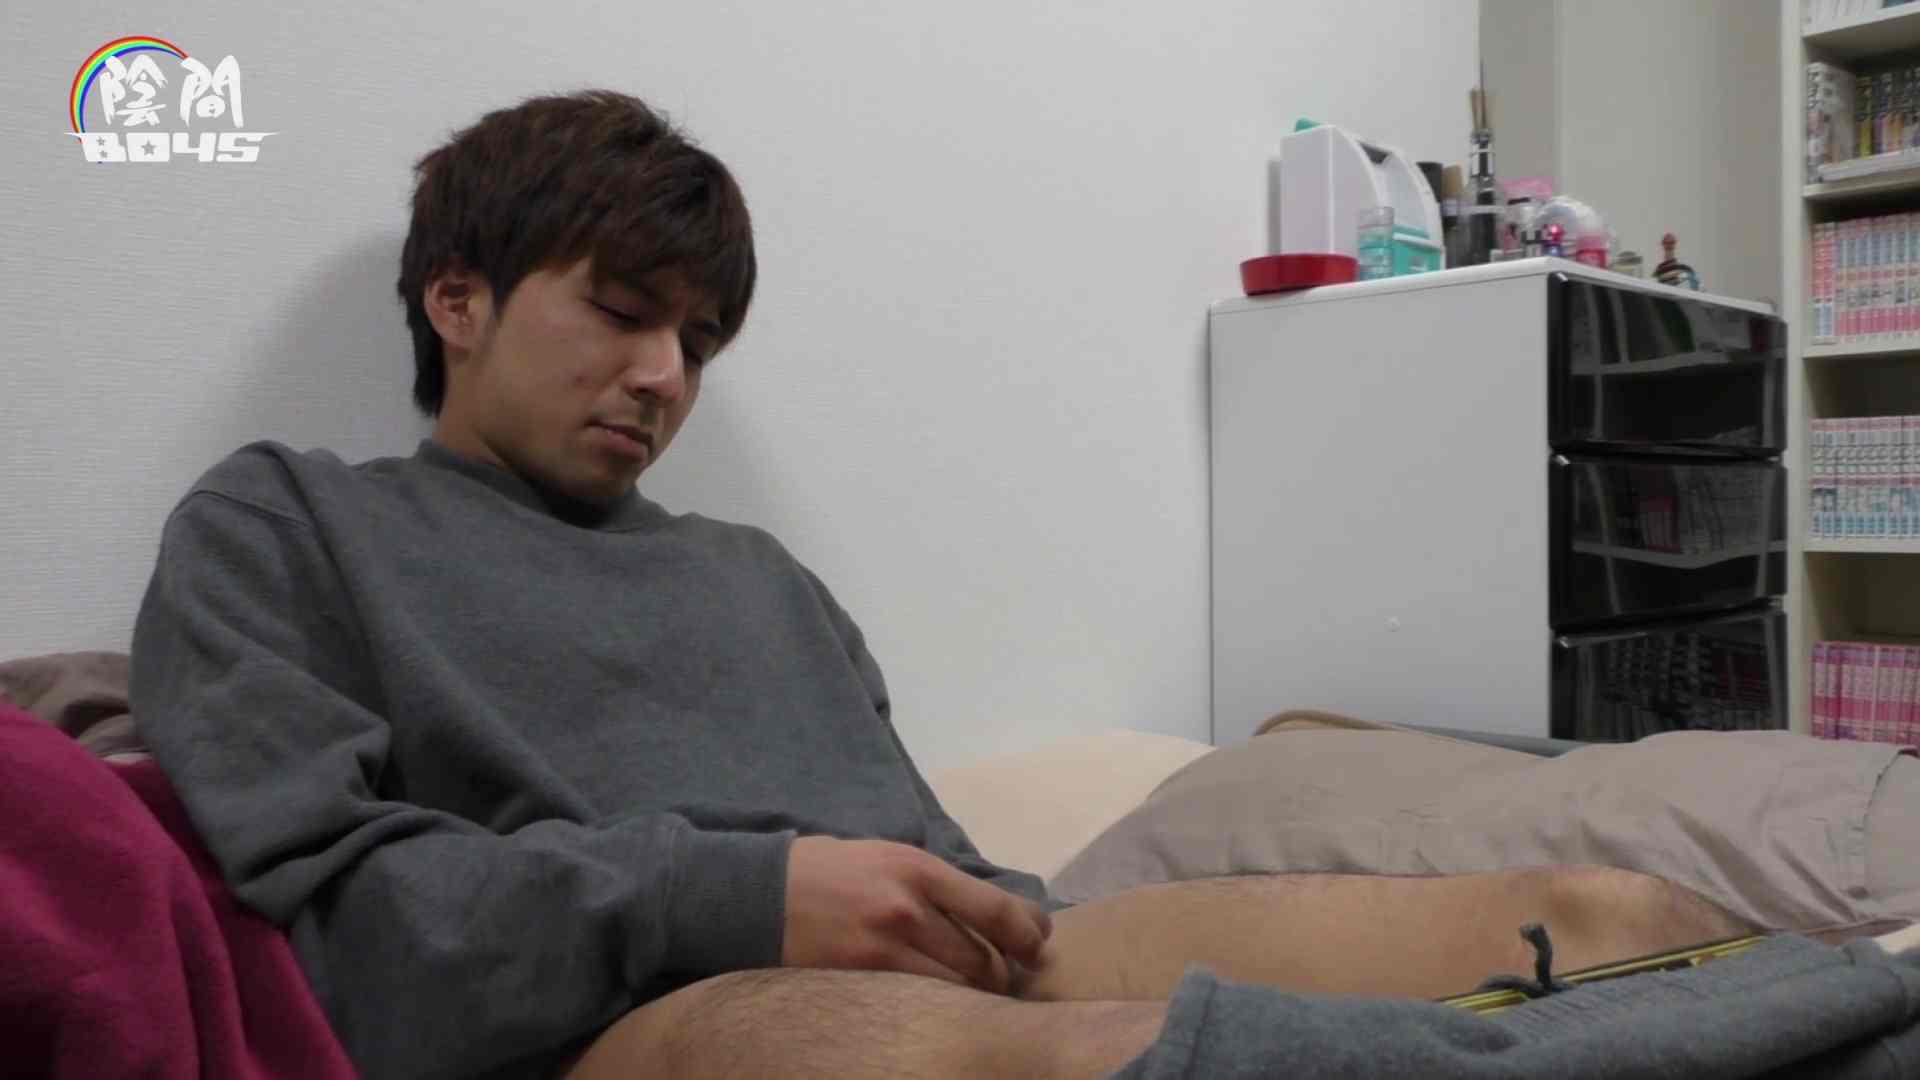 アナルは決して眠らない No.01 アナル ゲイザーメン画像 90枚 7